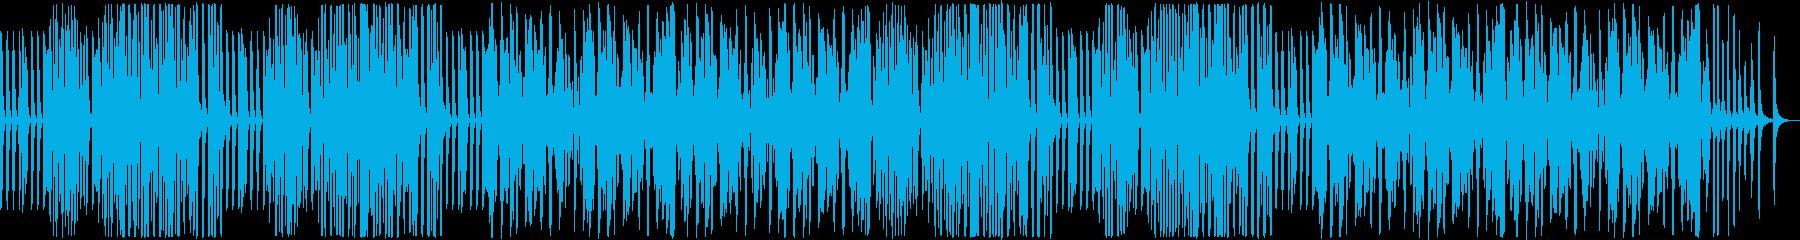 バイオリンとピアノ。タンゴ調の再生済みの波形